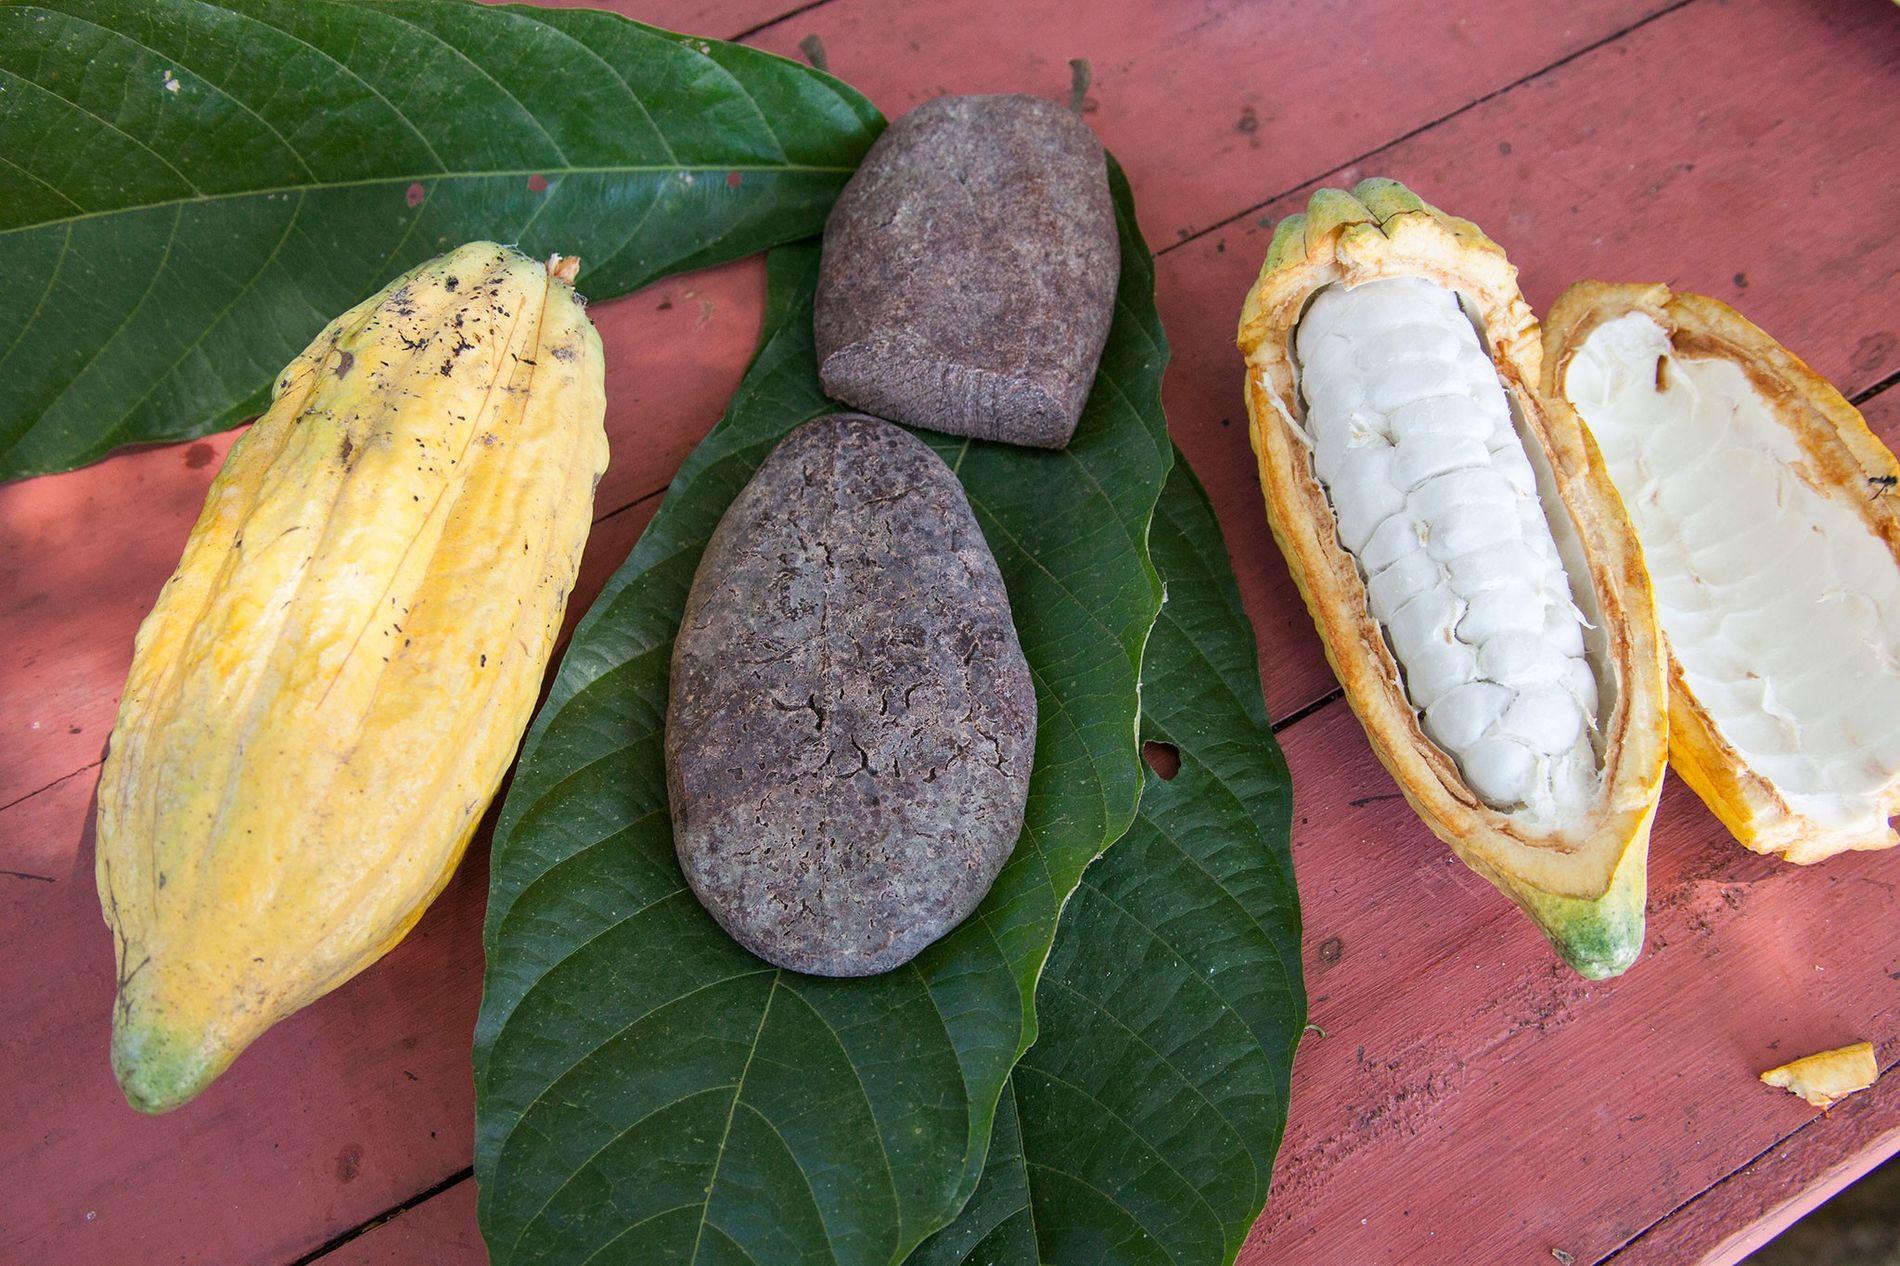 Há provas de que povos da antiguidade na bacia do rio Amazonas processavam e consumiam cacau ...